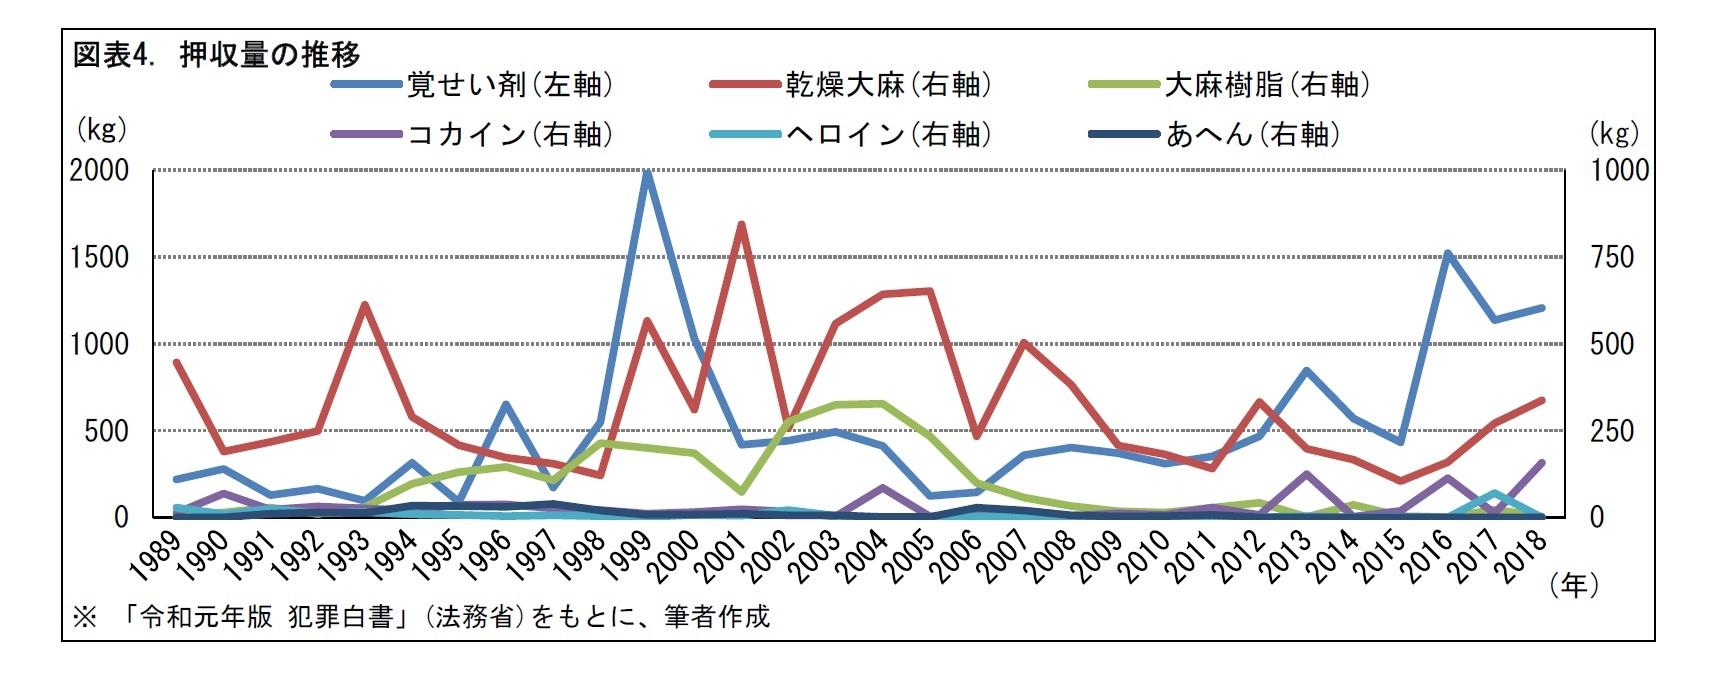 図表4. 押収量の推移